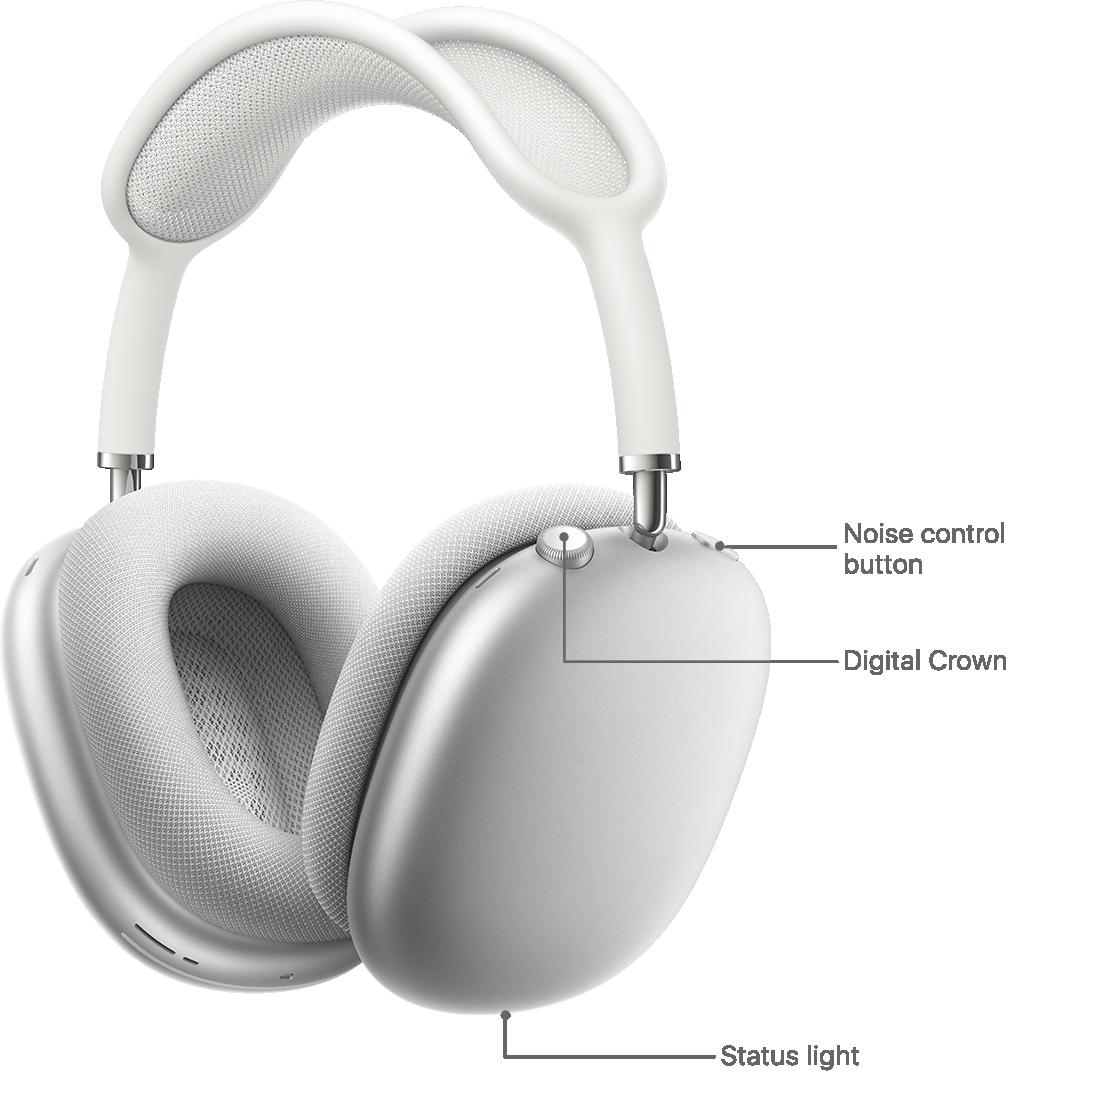 ایرپادز مکس اپل رونمایی شد+ ویژگی ها+ قیمت